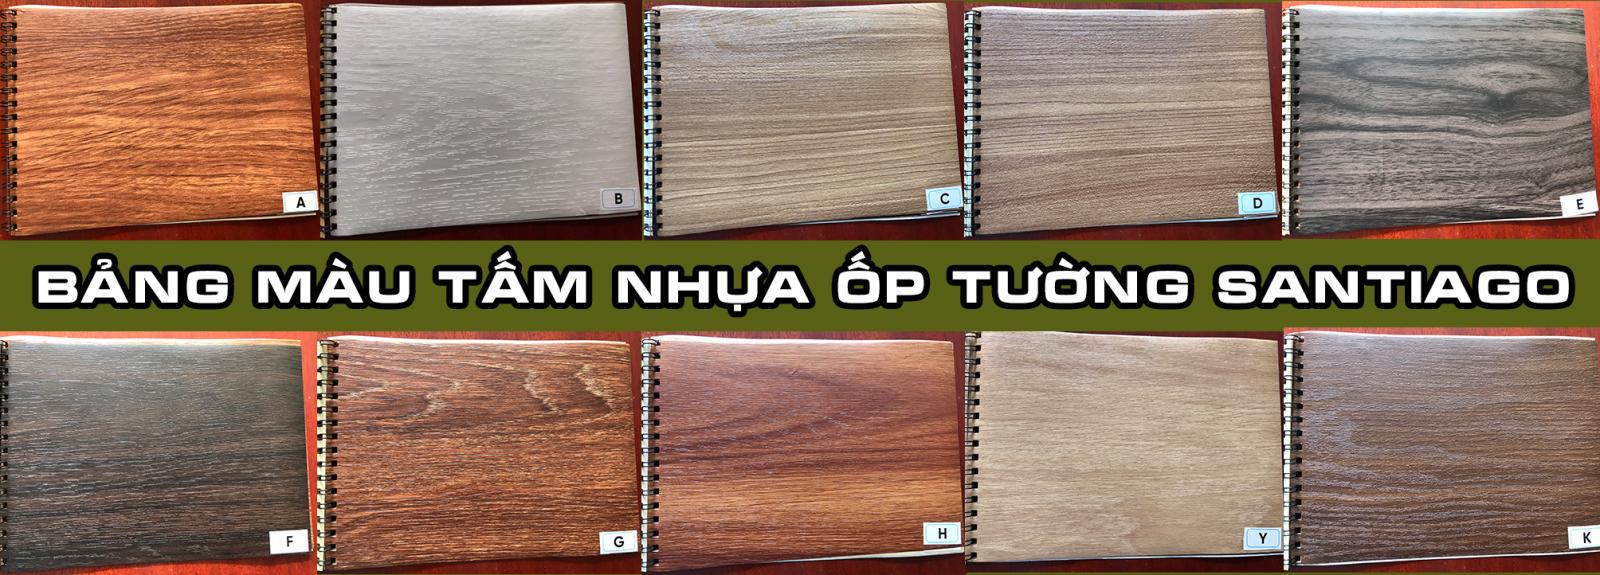 bảng màu sắc tấm nhựa ốp tường giả gỗ santiago